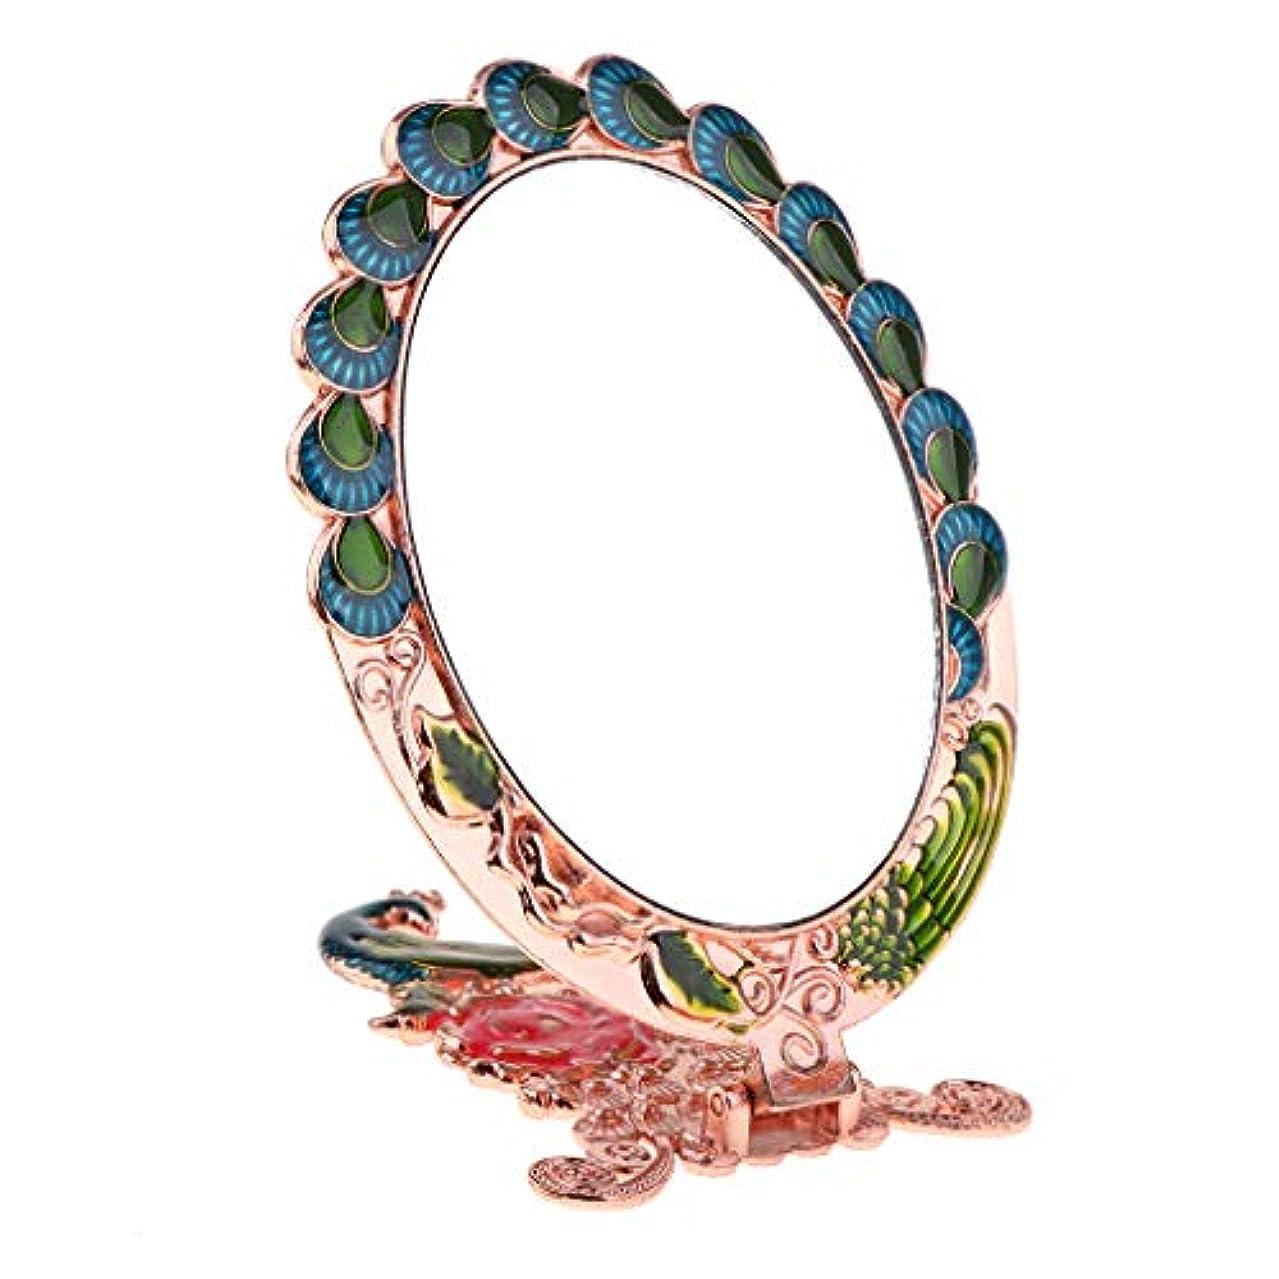 評価可能子歩く金属化粧鏡 孔雀の形 孔雀彫刻 ビンテージロイヤル柄 折りたたみ 誕生日ギフト 家装飾 全3色 - 赤